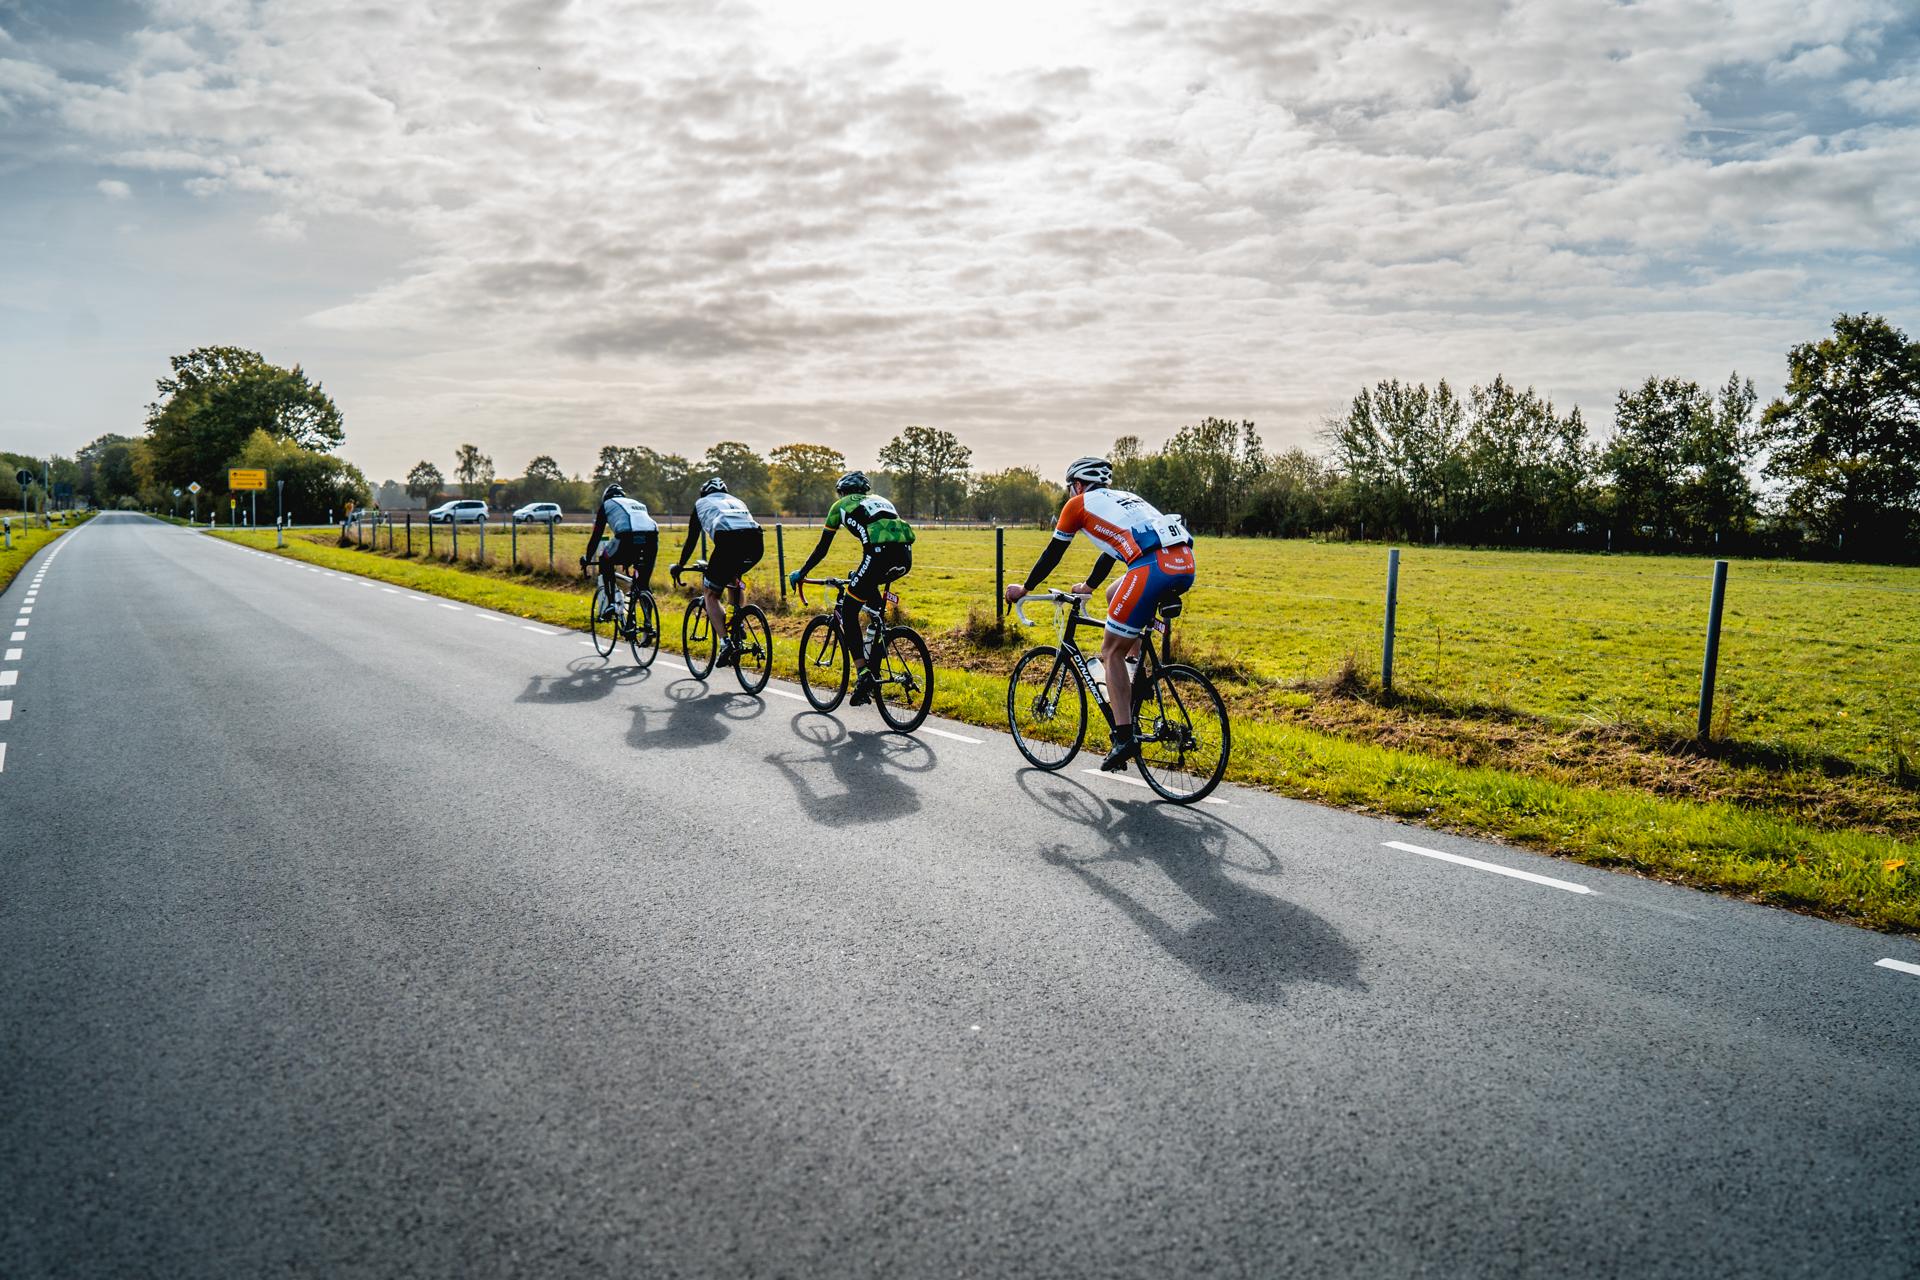 Sport-Dokumentationen vom Fotograf Philipp Posmyk aus Altenberge, nähe Münster